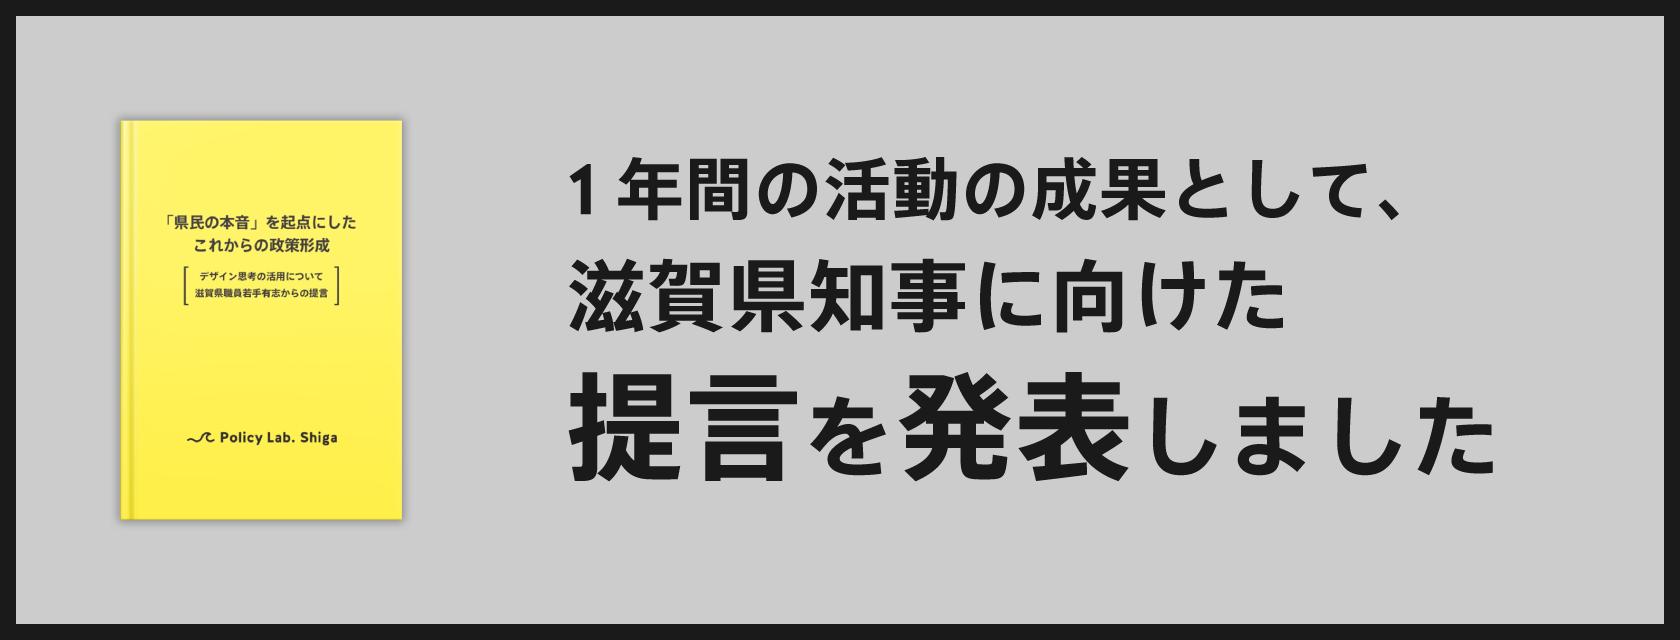 滋賀県知事に向けた提言を発表しました